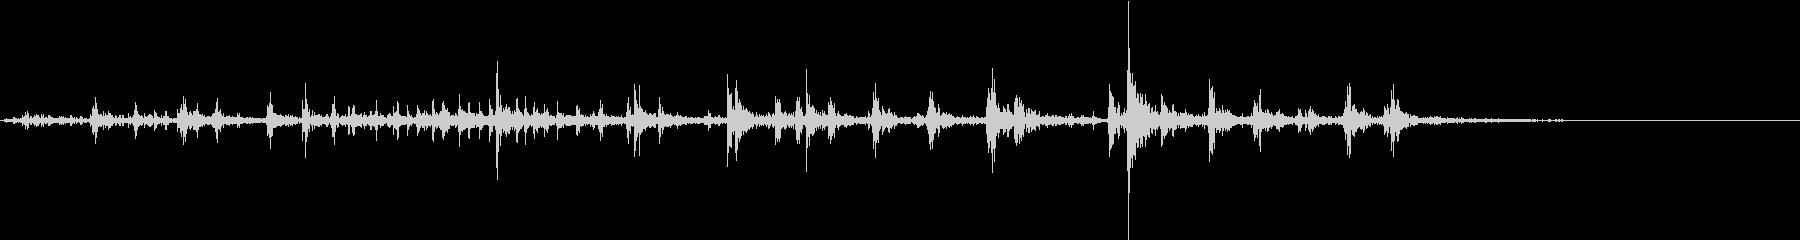 【生録音】ゴムのグリップ 握る音の未再生の波形